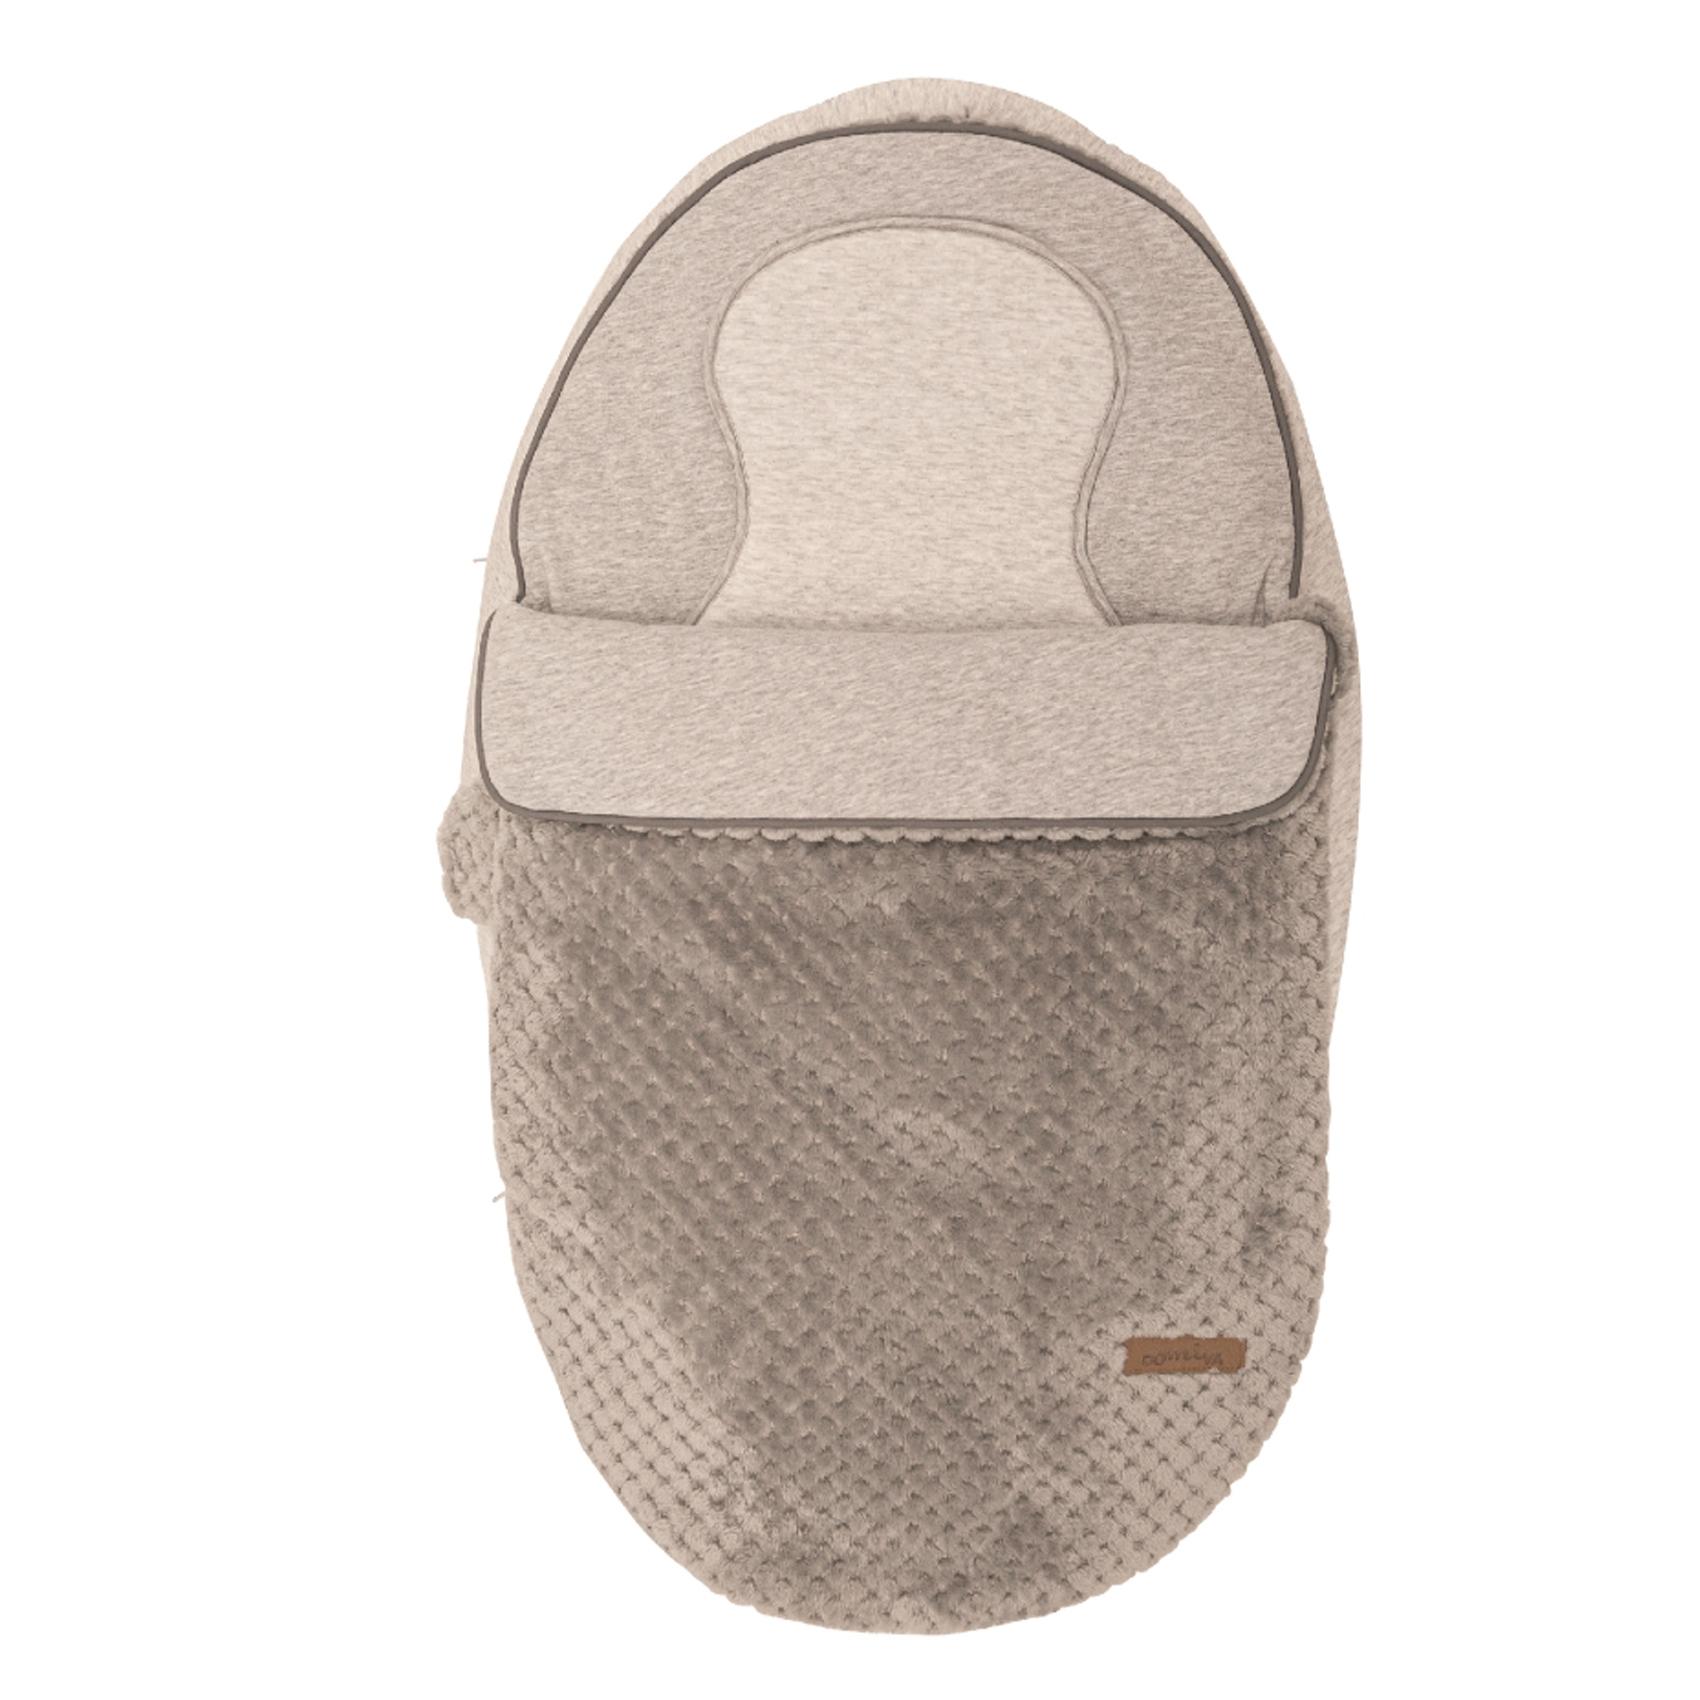 Coussin d'allaitement Nova en coton Perle multifonction